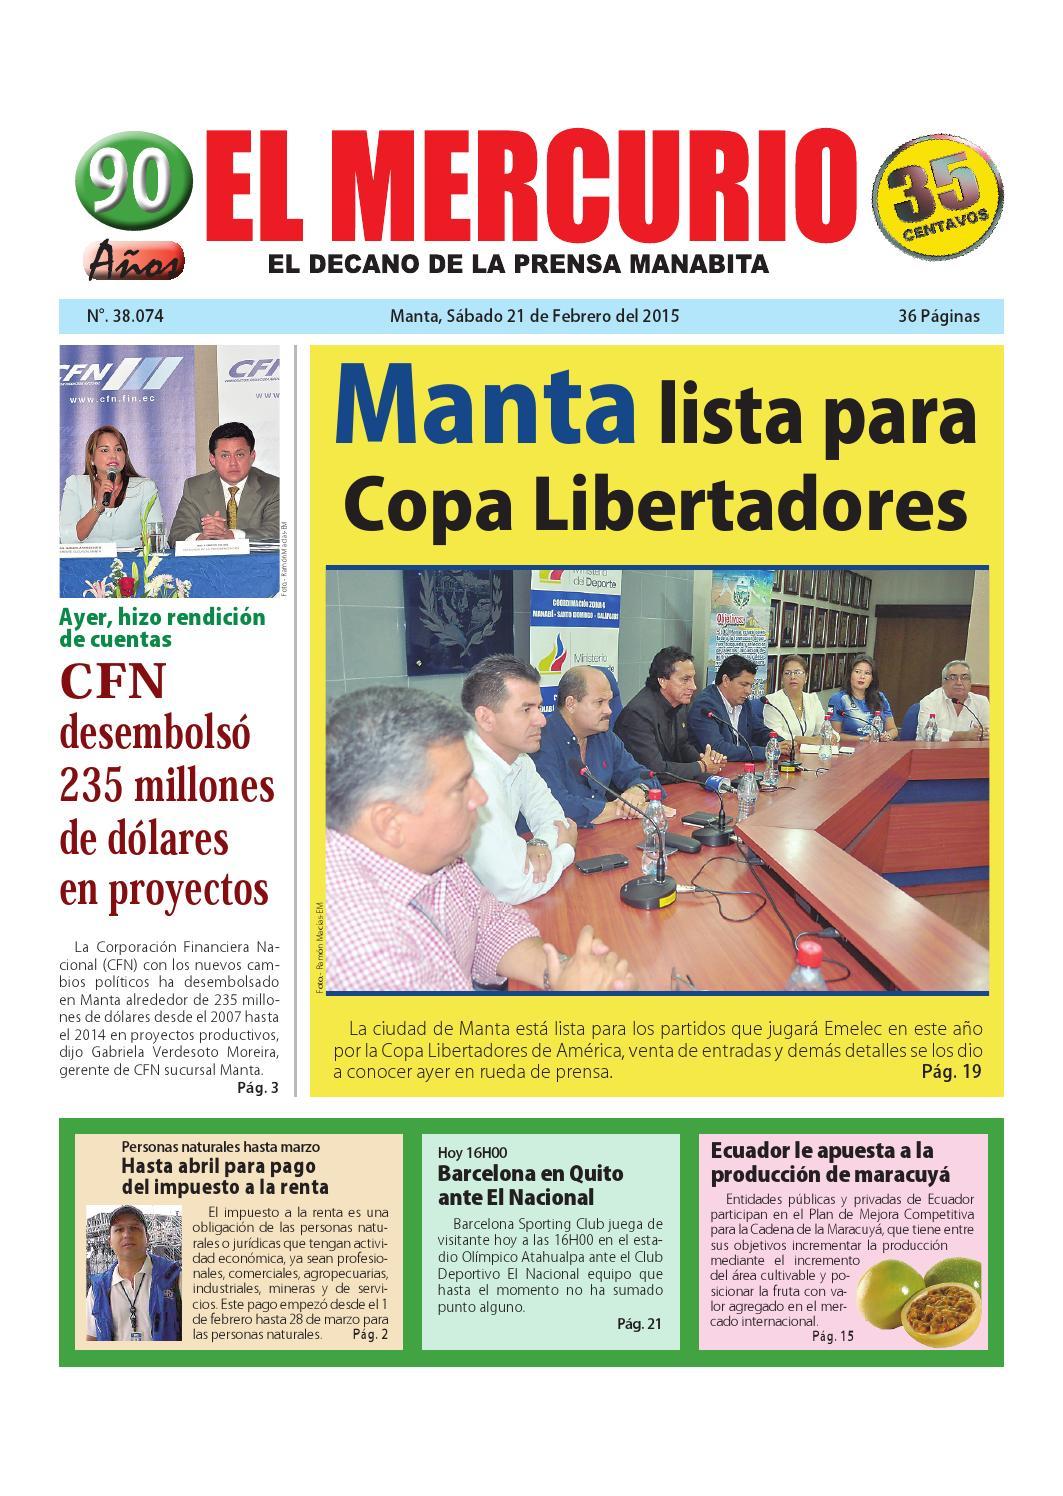 Mercurio sabado 21 de febrero 2015 by Diario El mercurio - issuu